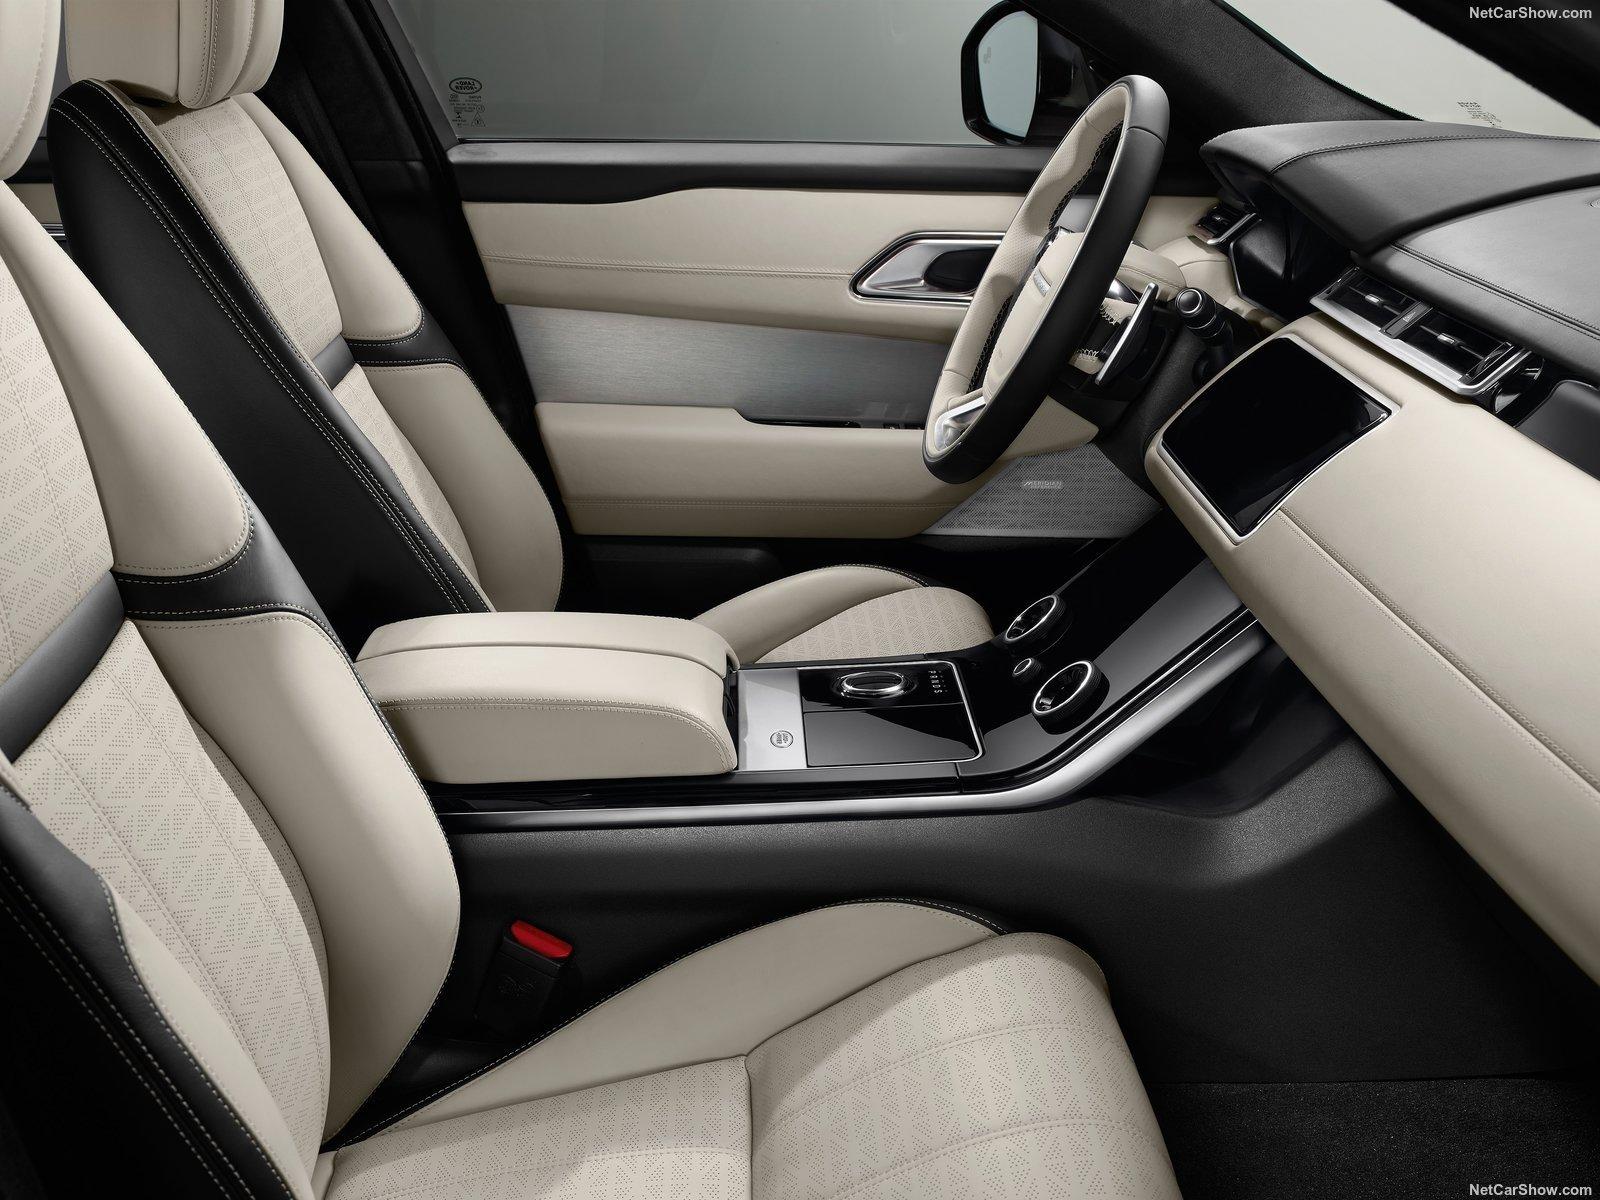 Land_Rover-Range_Rover_Velar-2018-1600-31